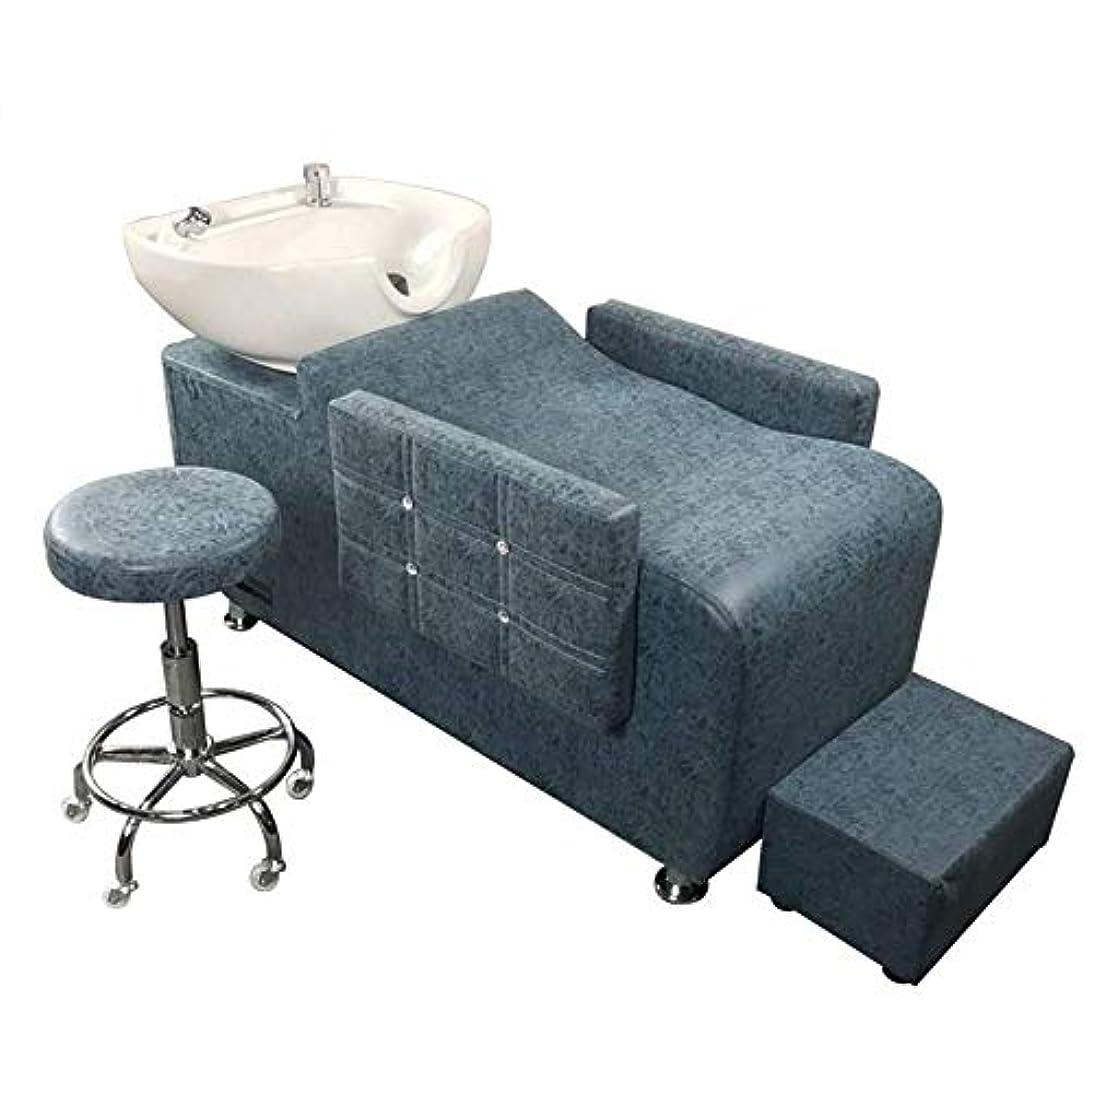 ピーブ絶縁する工業用シャンプーチェア逆洗ボウルユニット駅理容椅子スパサロン機器理髪シンクリフトスツールを送る(緑)